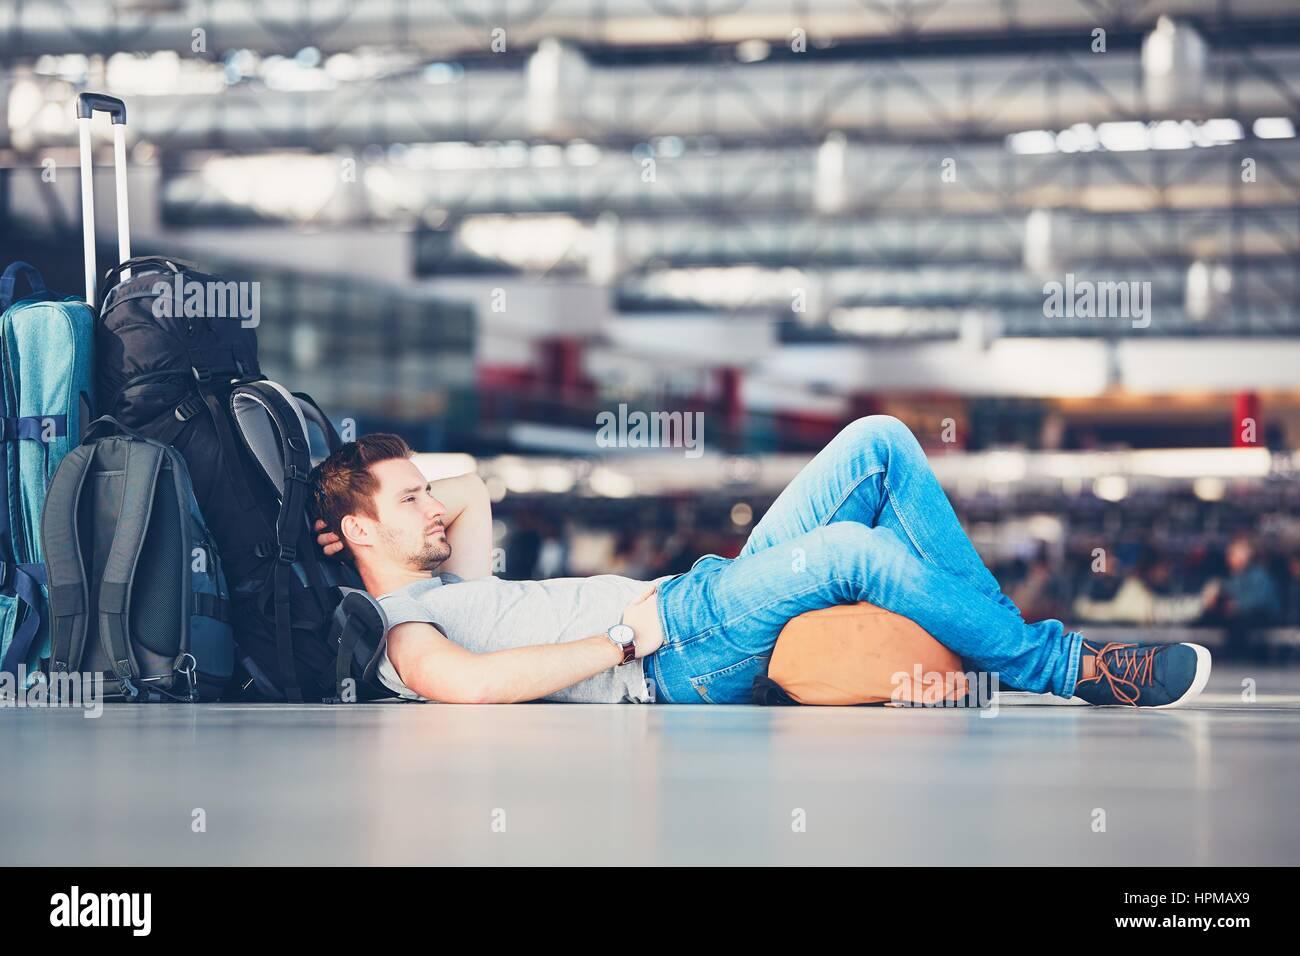 Reisende am Flughafen Abflugbereich für seine Verspätung Flug warten. Stockbild